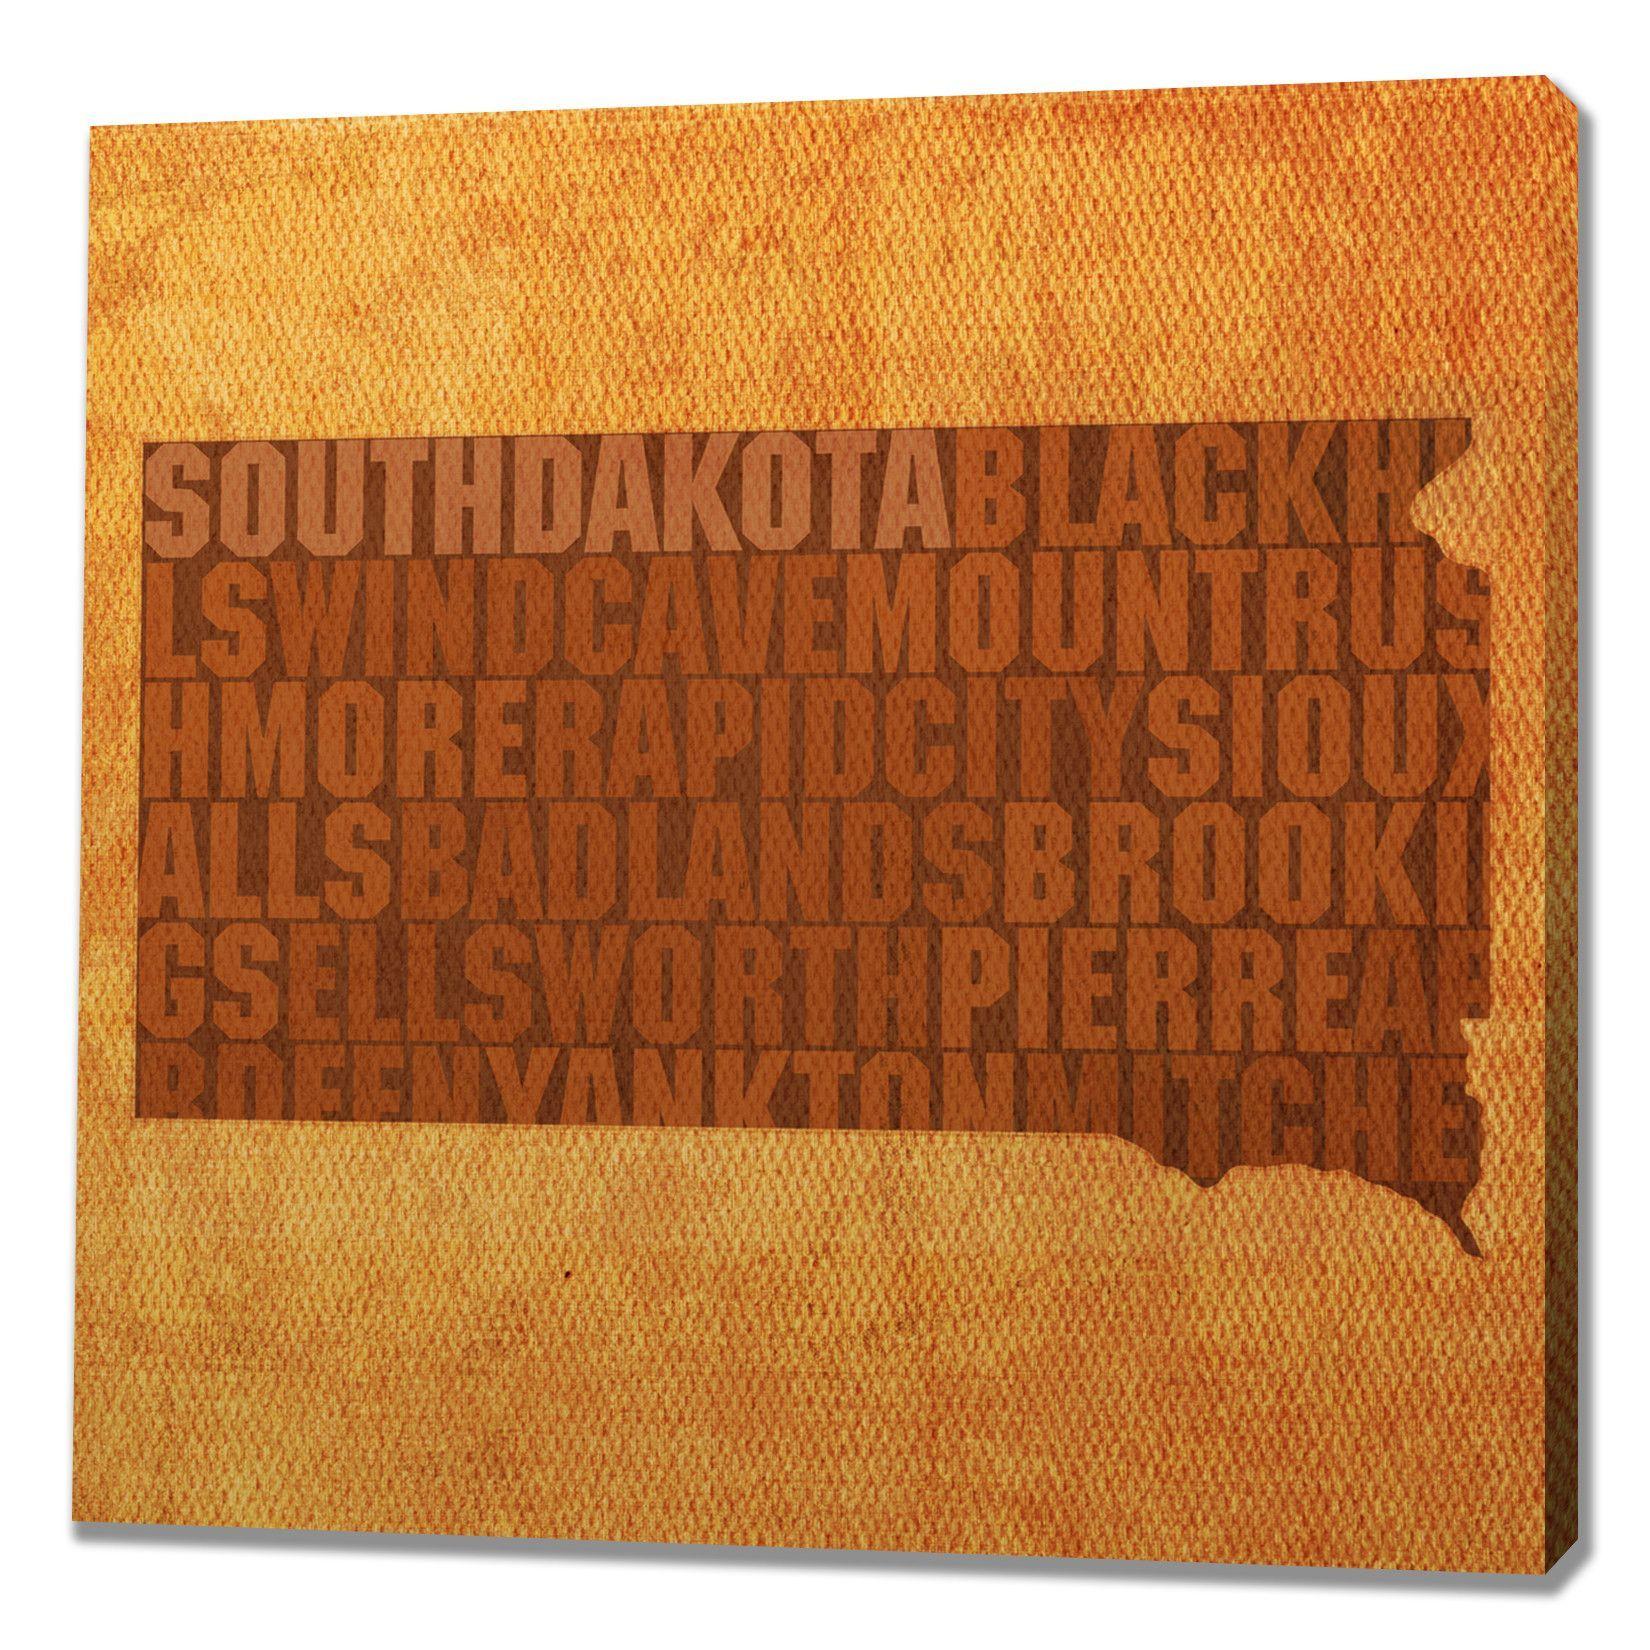 South dakota textual art on wrapped canvas diy furnituredeco